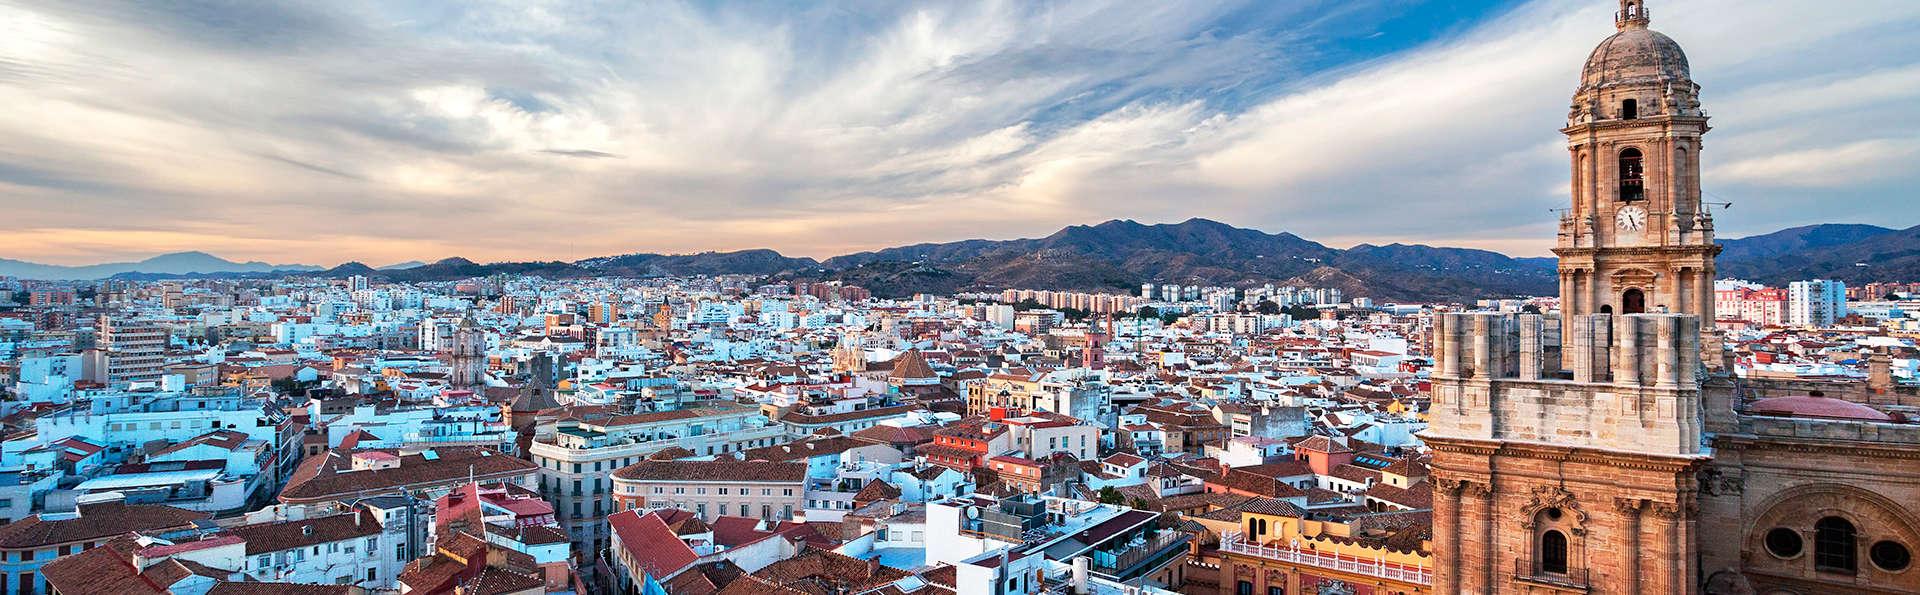 Week-end de charme dans le centre de Malaga